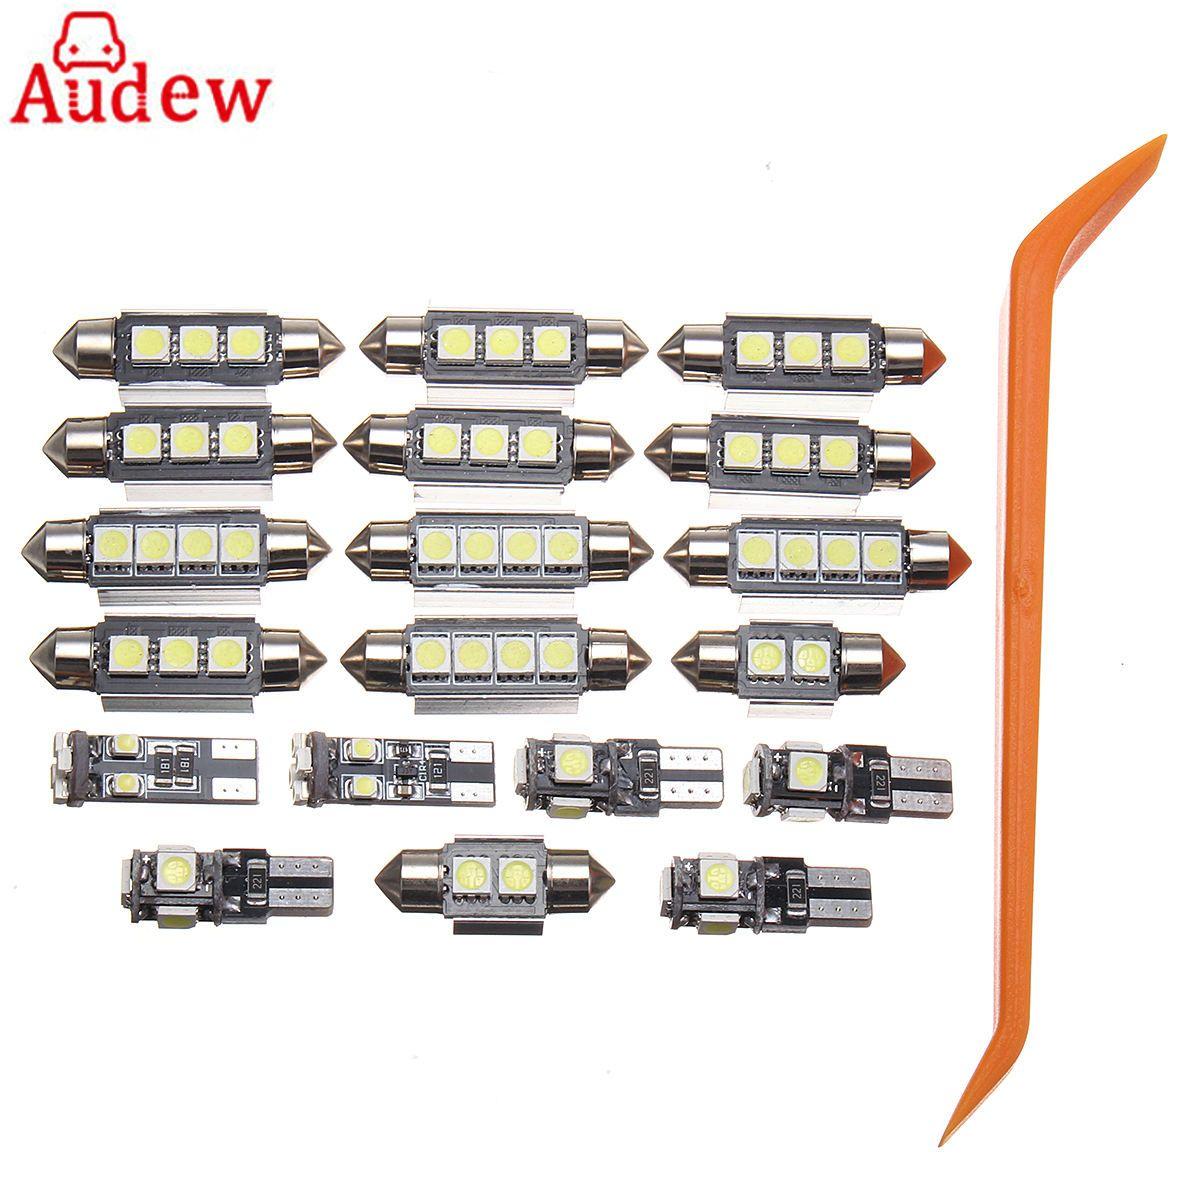 20 Pcs LED Car White Lamp Interior LED Light Kit With Tool for VW PASSAT B5 1997-2000